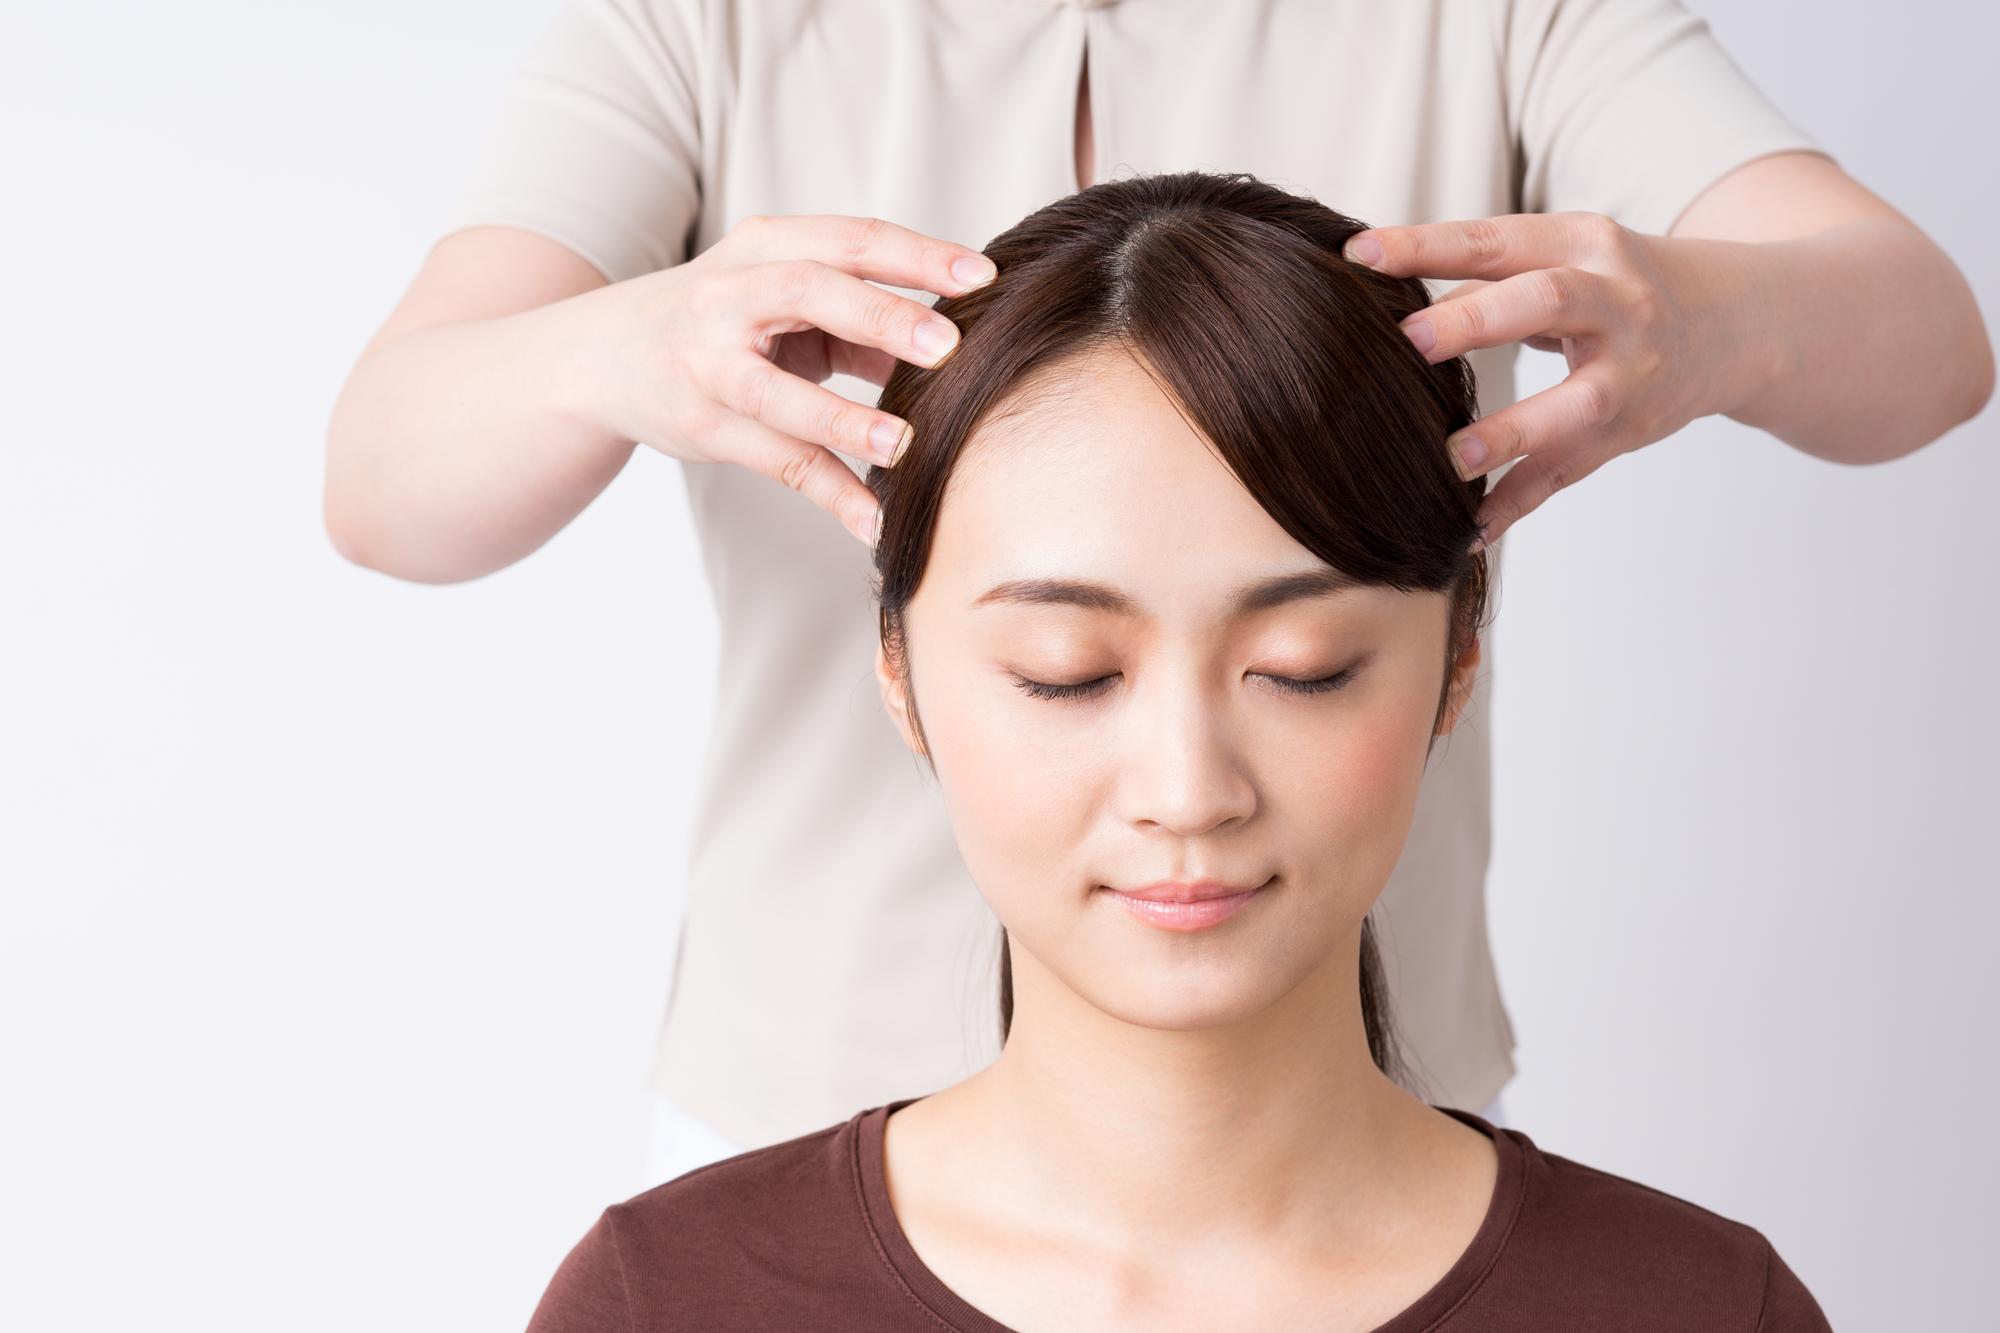 育毛マッサージの方法と注意点!やり方のコツを伝授!